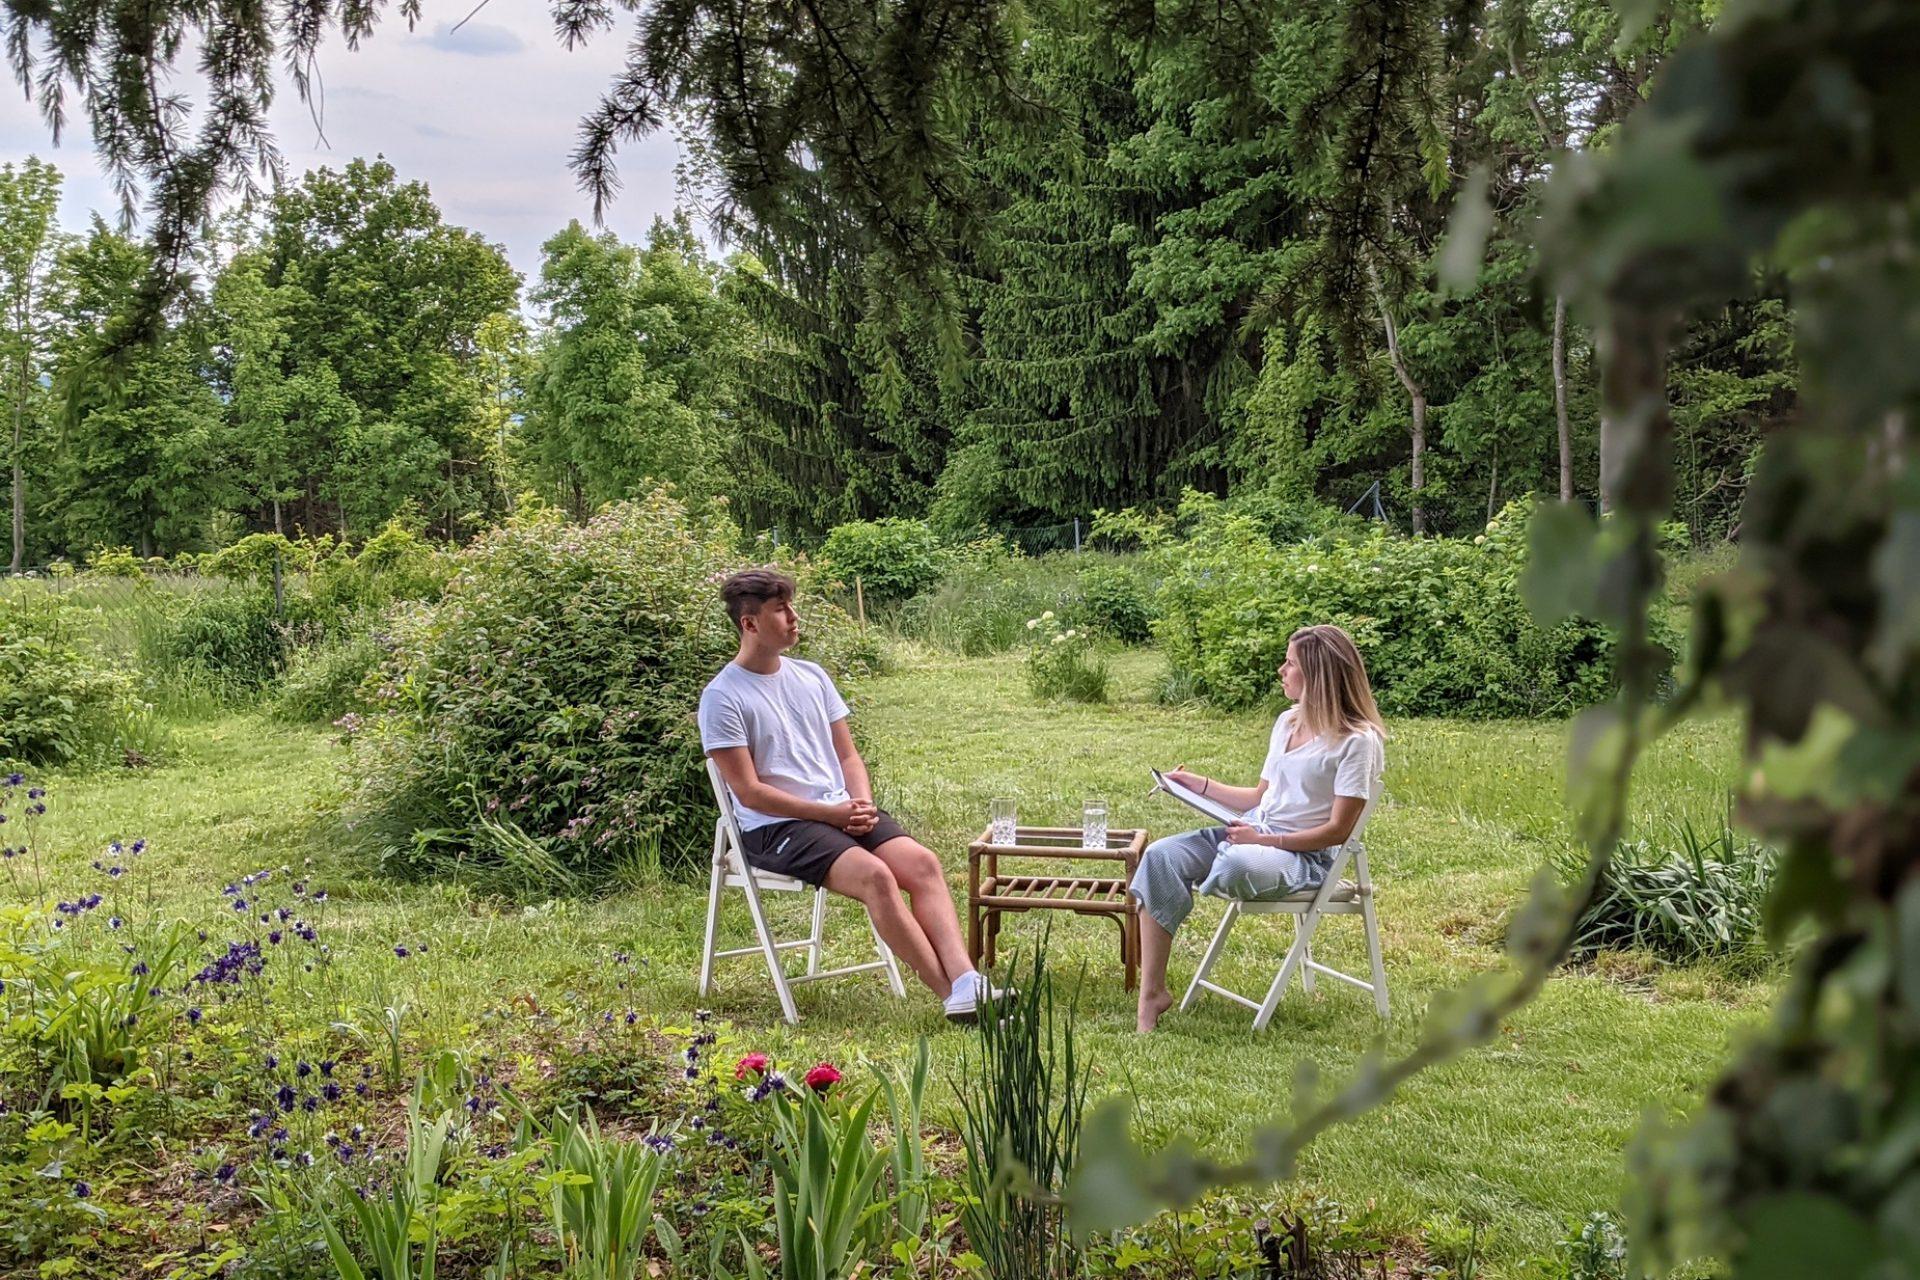 Psychologische Beratung in der Natur (Graz-Umgebung)